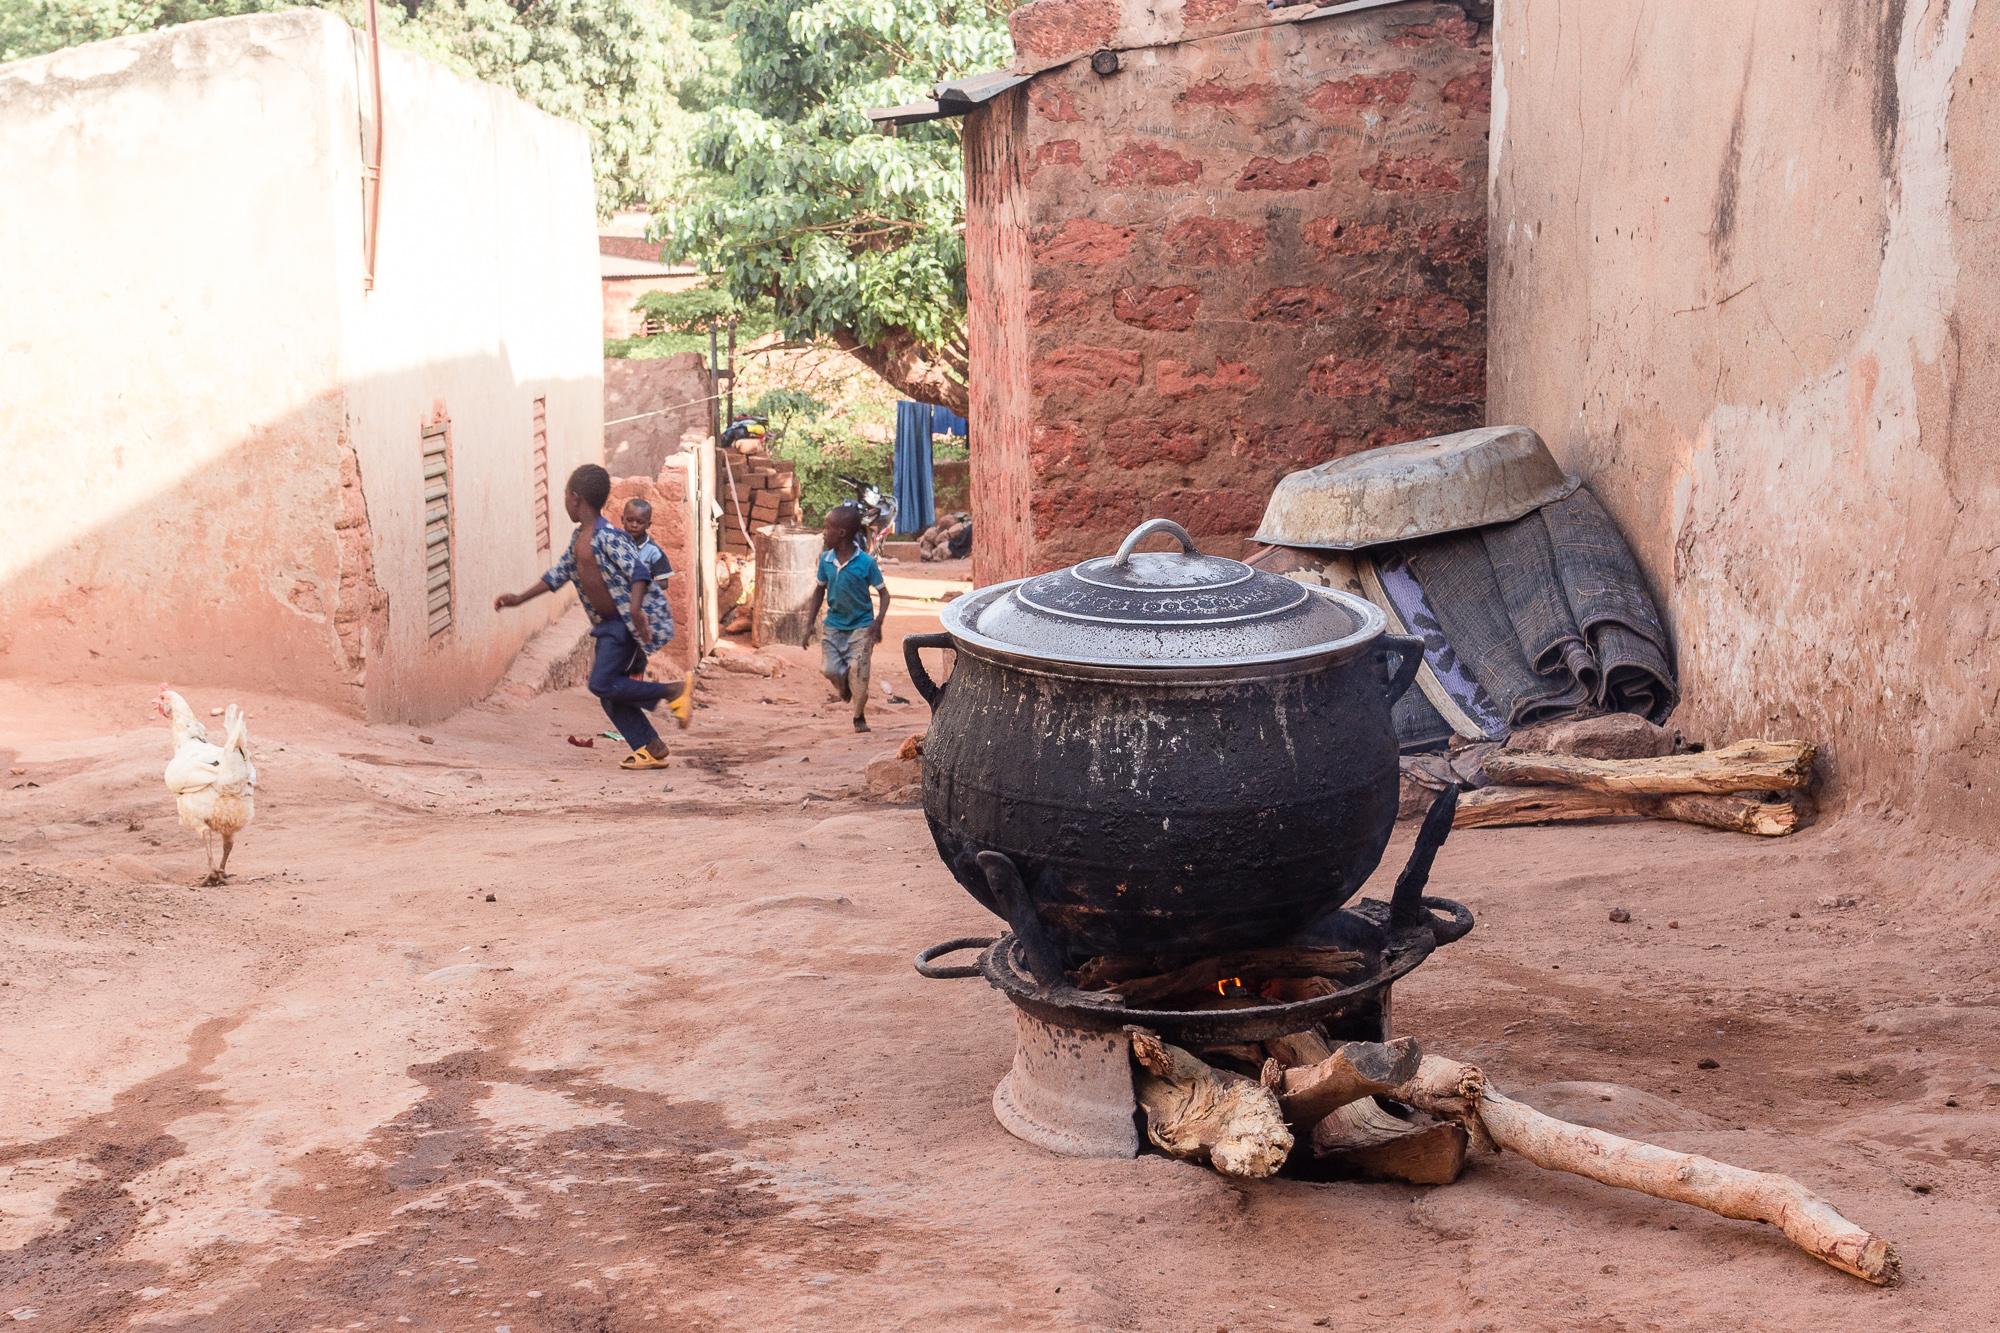 Marmite sur feu de bois, poule et enfants courant au loin dans les ruelles du Vieux Bobo, Bobo Dioulasso, Burkina Faso